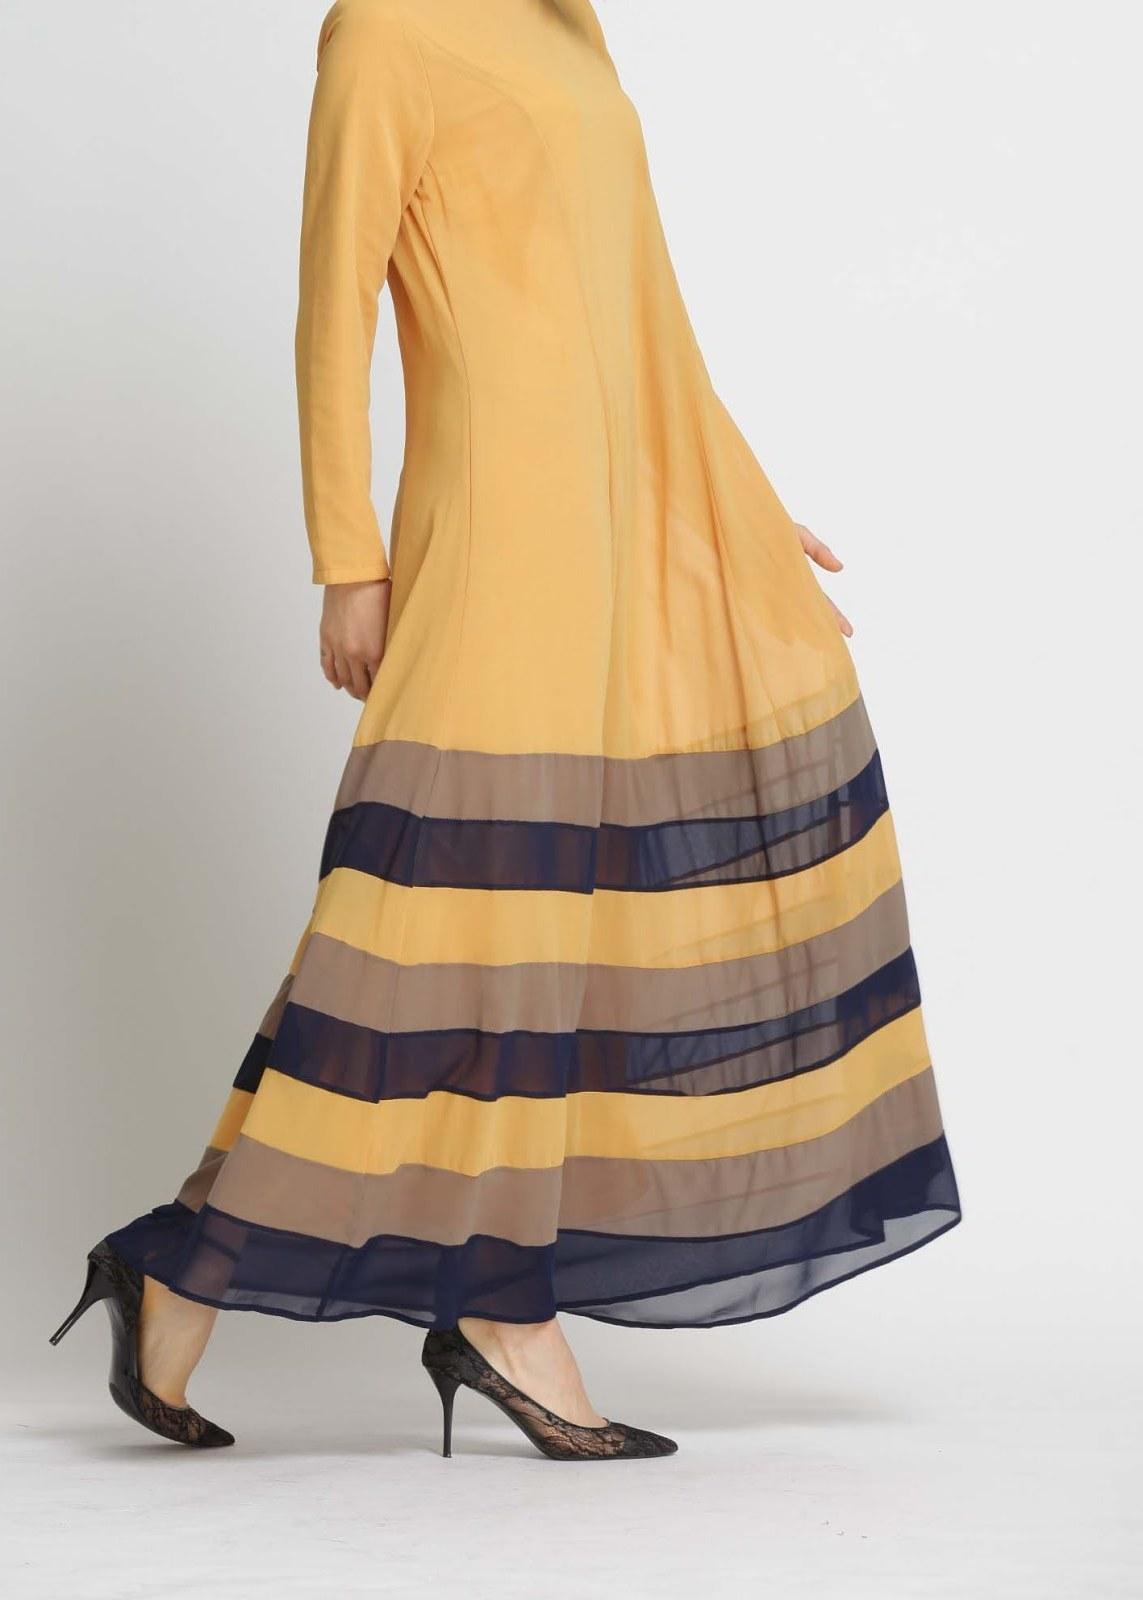 Ide Jual Baju Pengantin Muslimah Syar'i E6d5 norzi Beautilicious House Nbh0368 Hajar Jubah